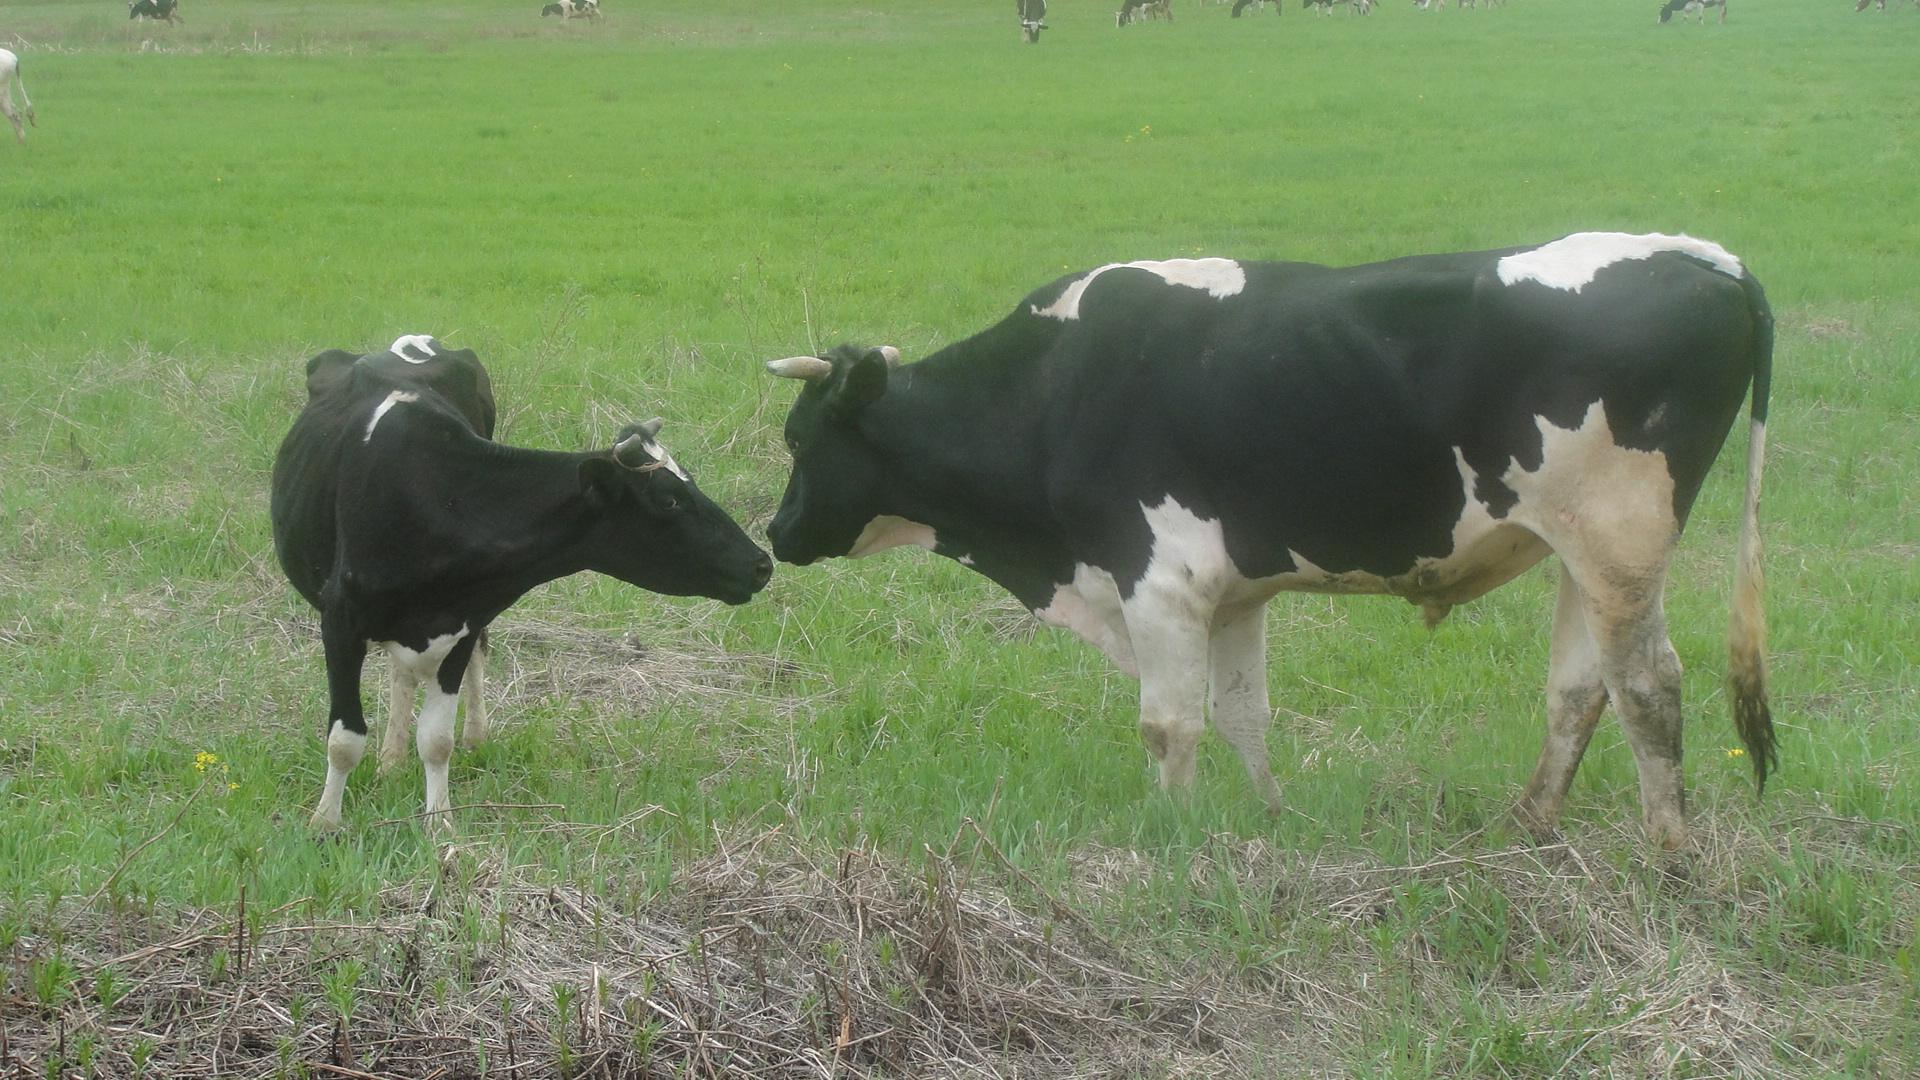 говядина свежие туши фермерское хозяйство: